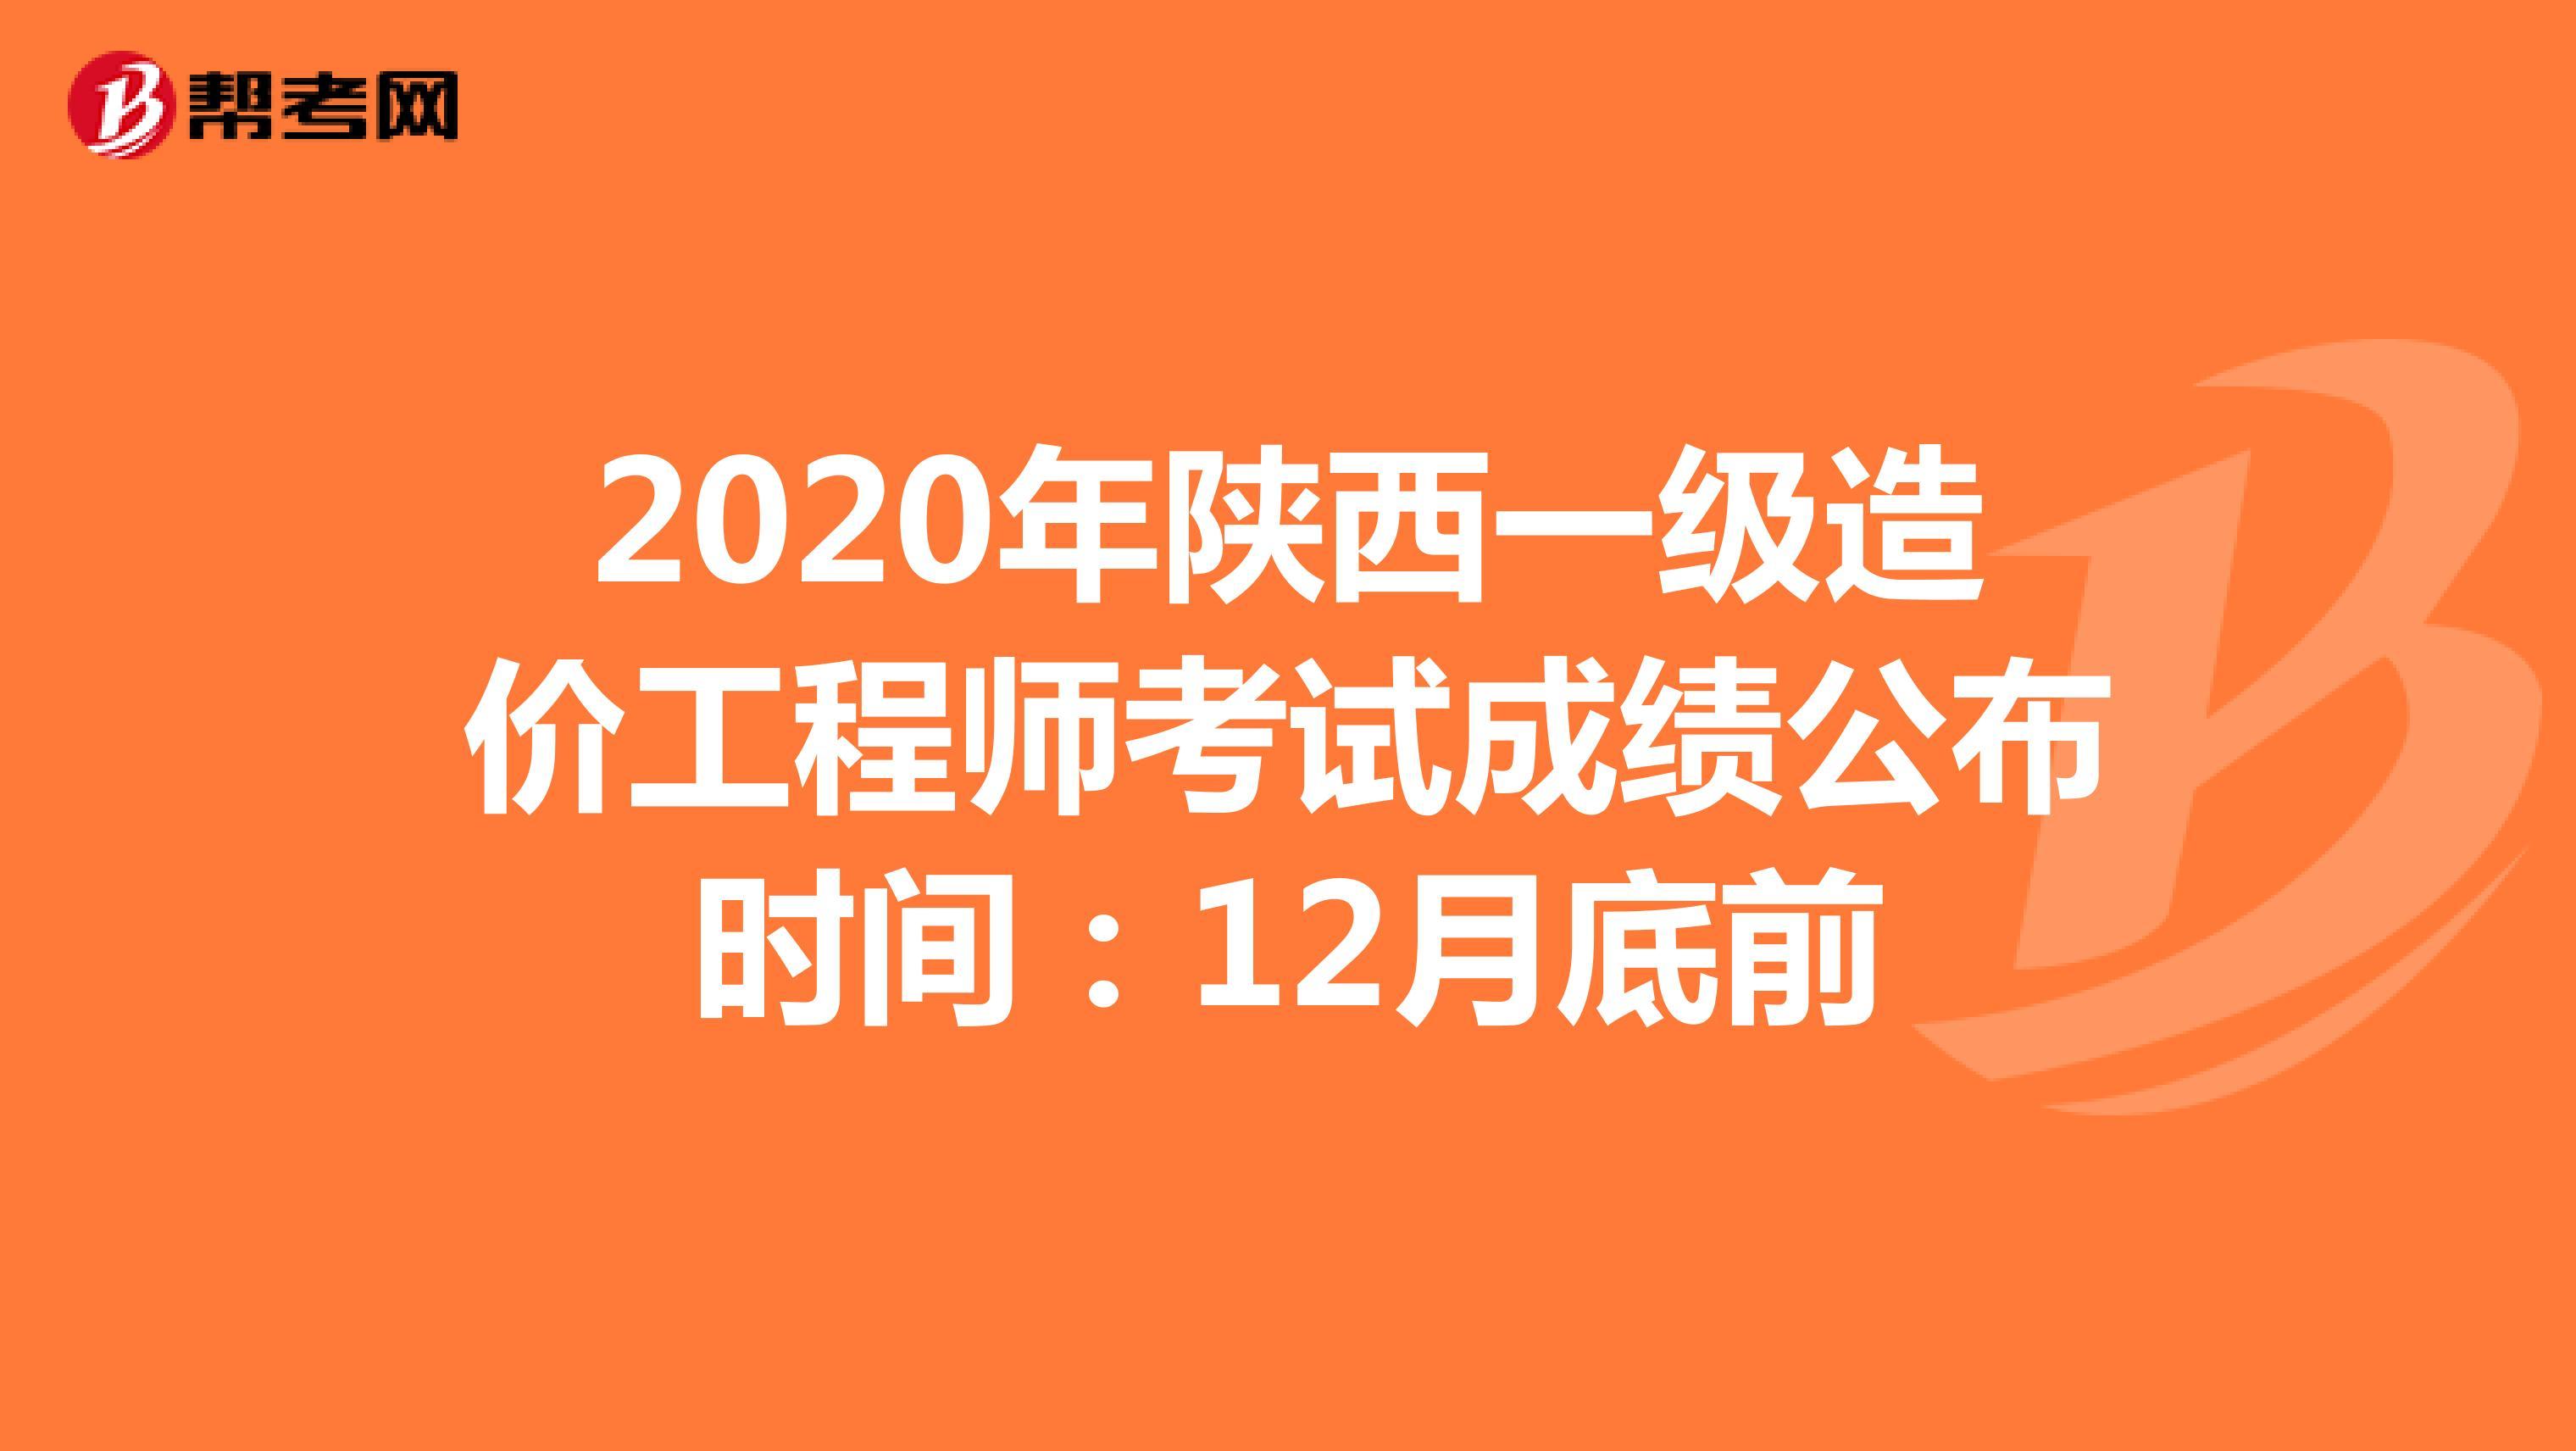 2020年陕西一级造价工程师考试成绩公布时间:12月底前